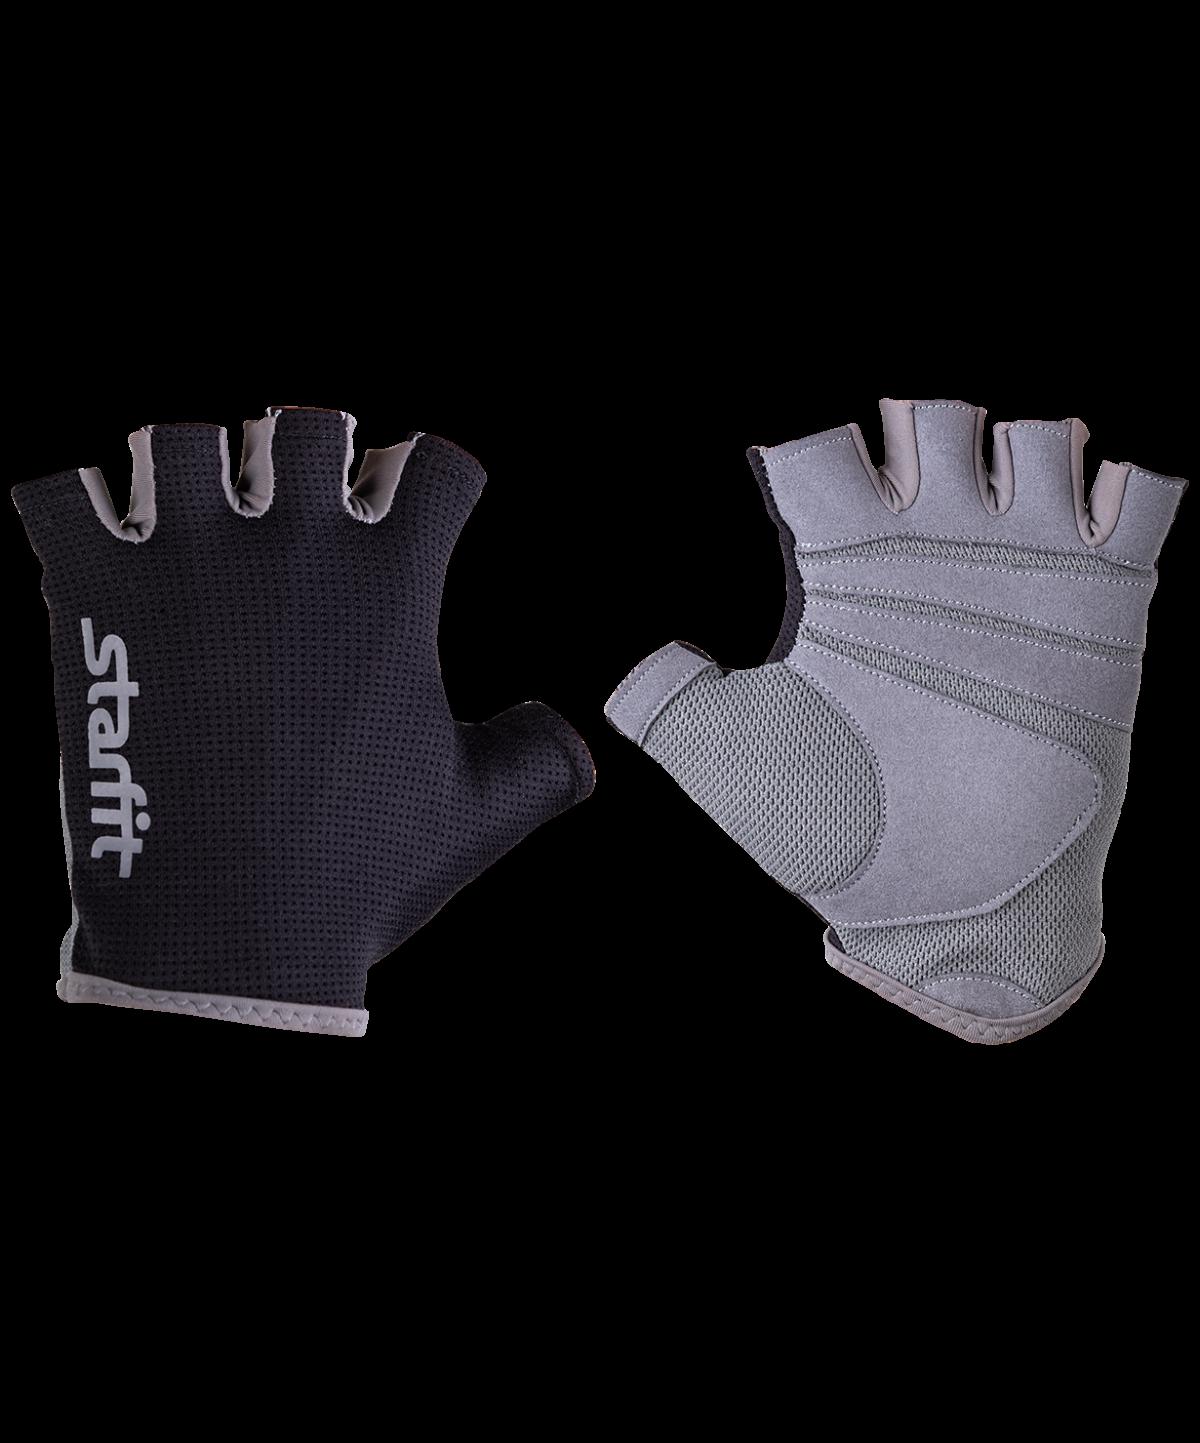 STARFIT Перчатки для фитнеса SU-127 : чёрный/серый - 1